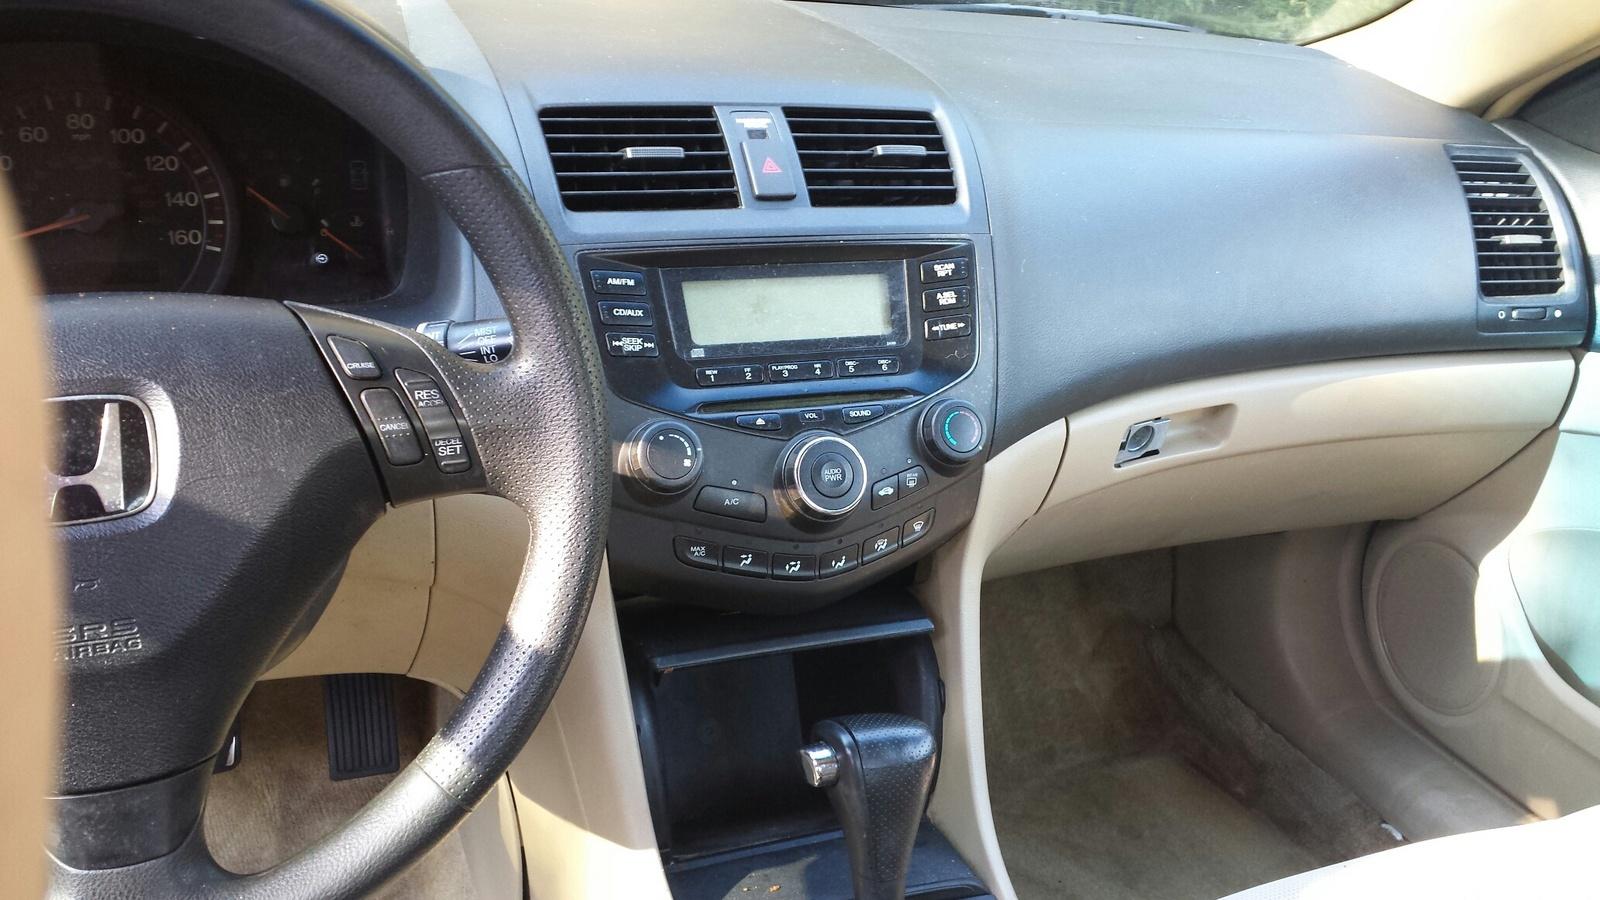 2004 Honda Accord - Interior Pictures - CarGurus